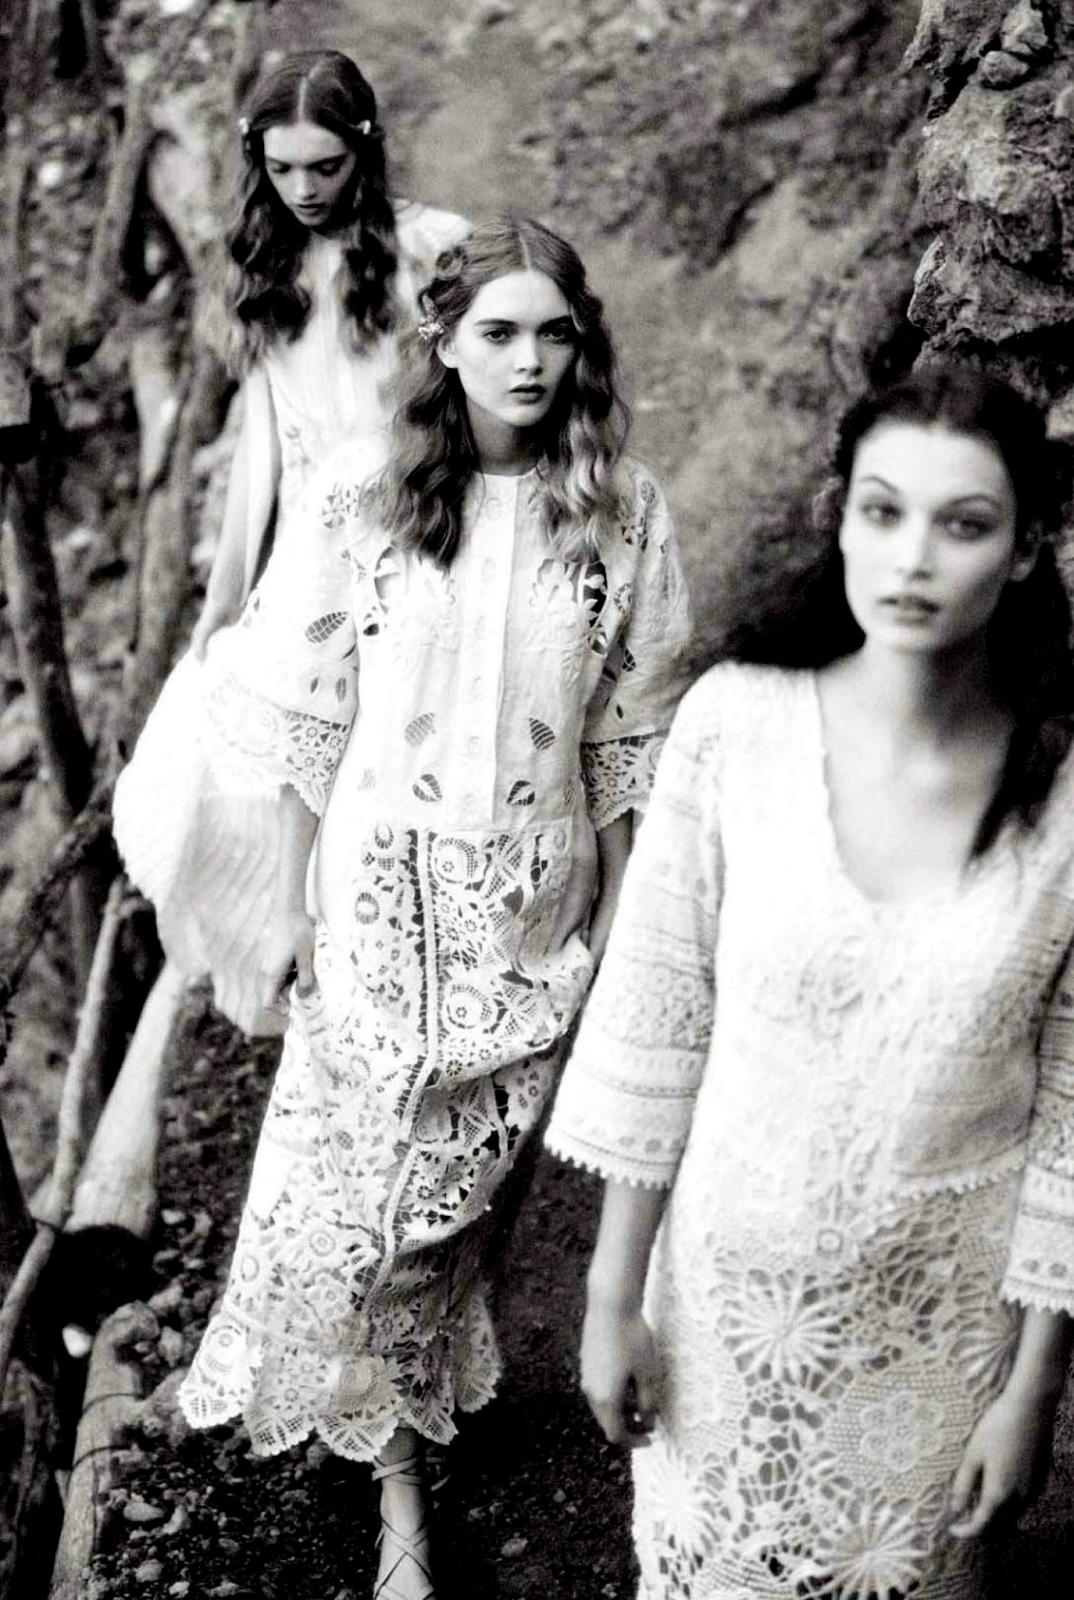 Ellen von Unwerth for Vogue Italia Suggestions May 2015 // STYLESCHOOLBYDANIE.COM